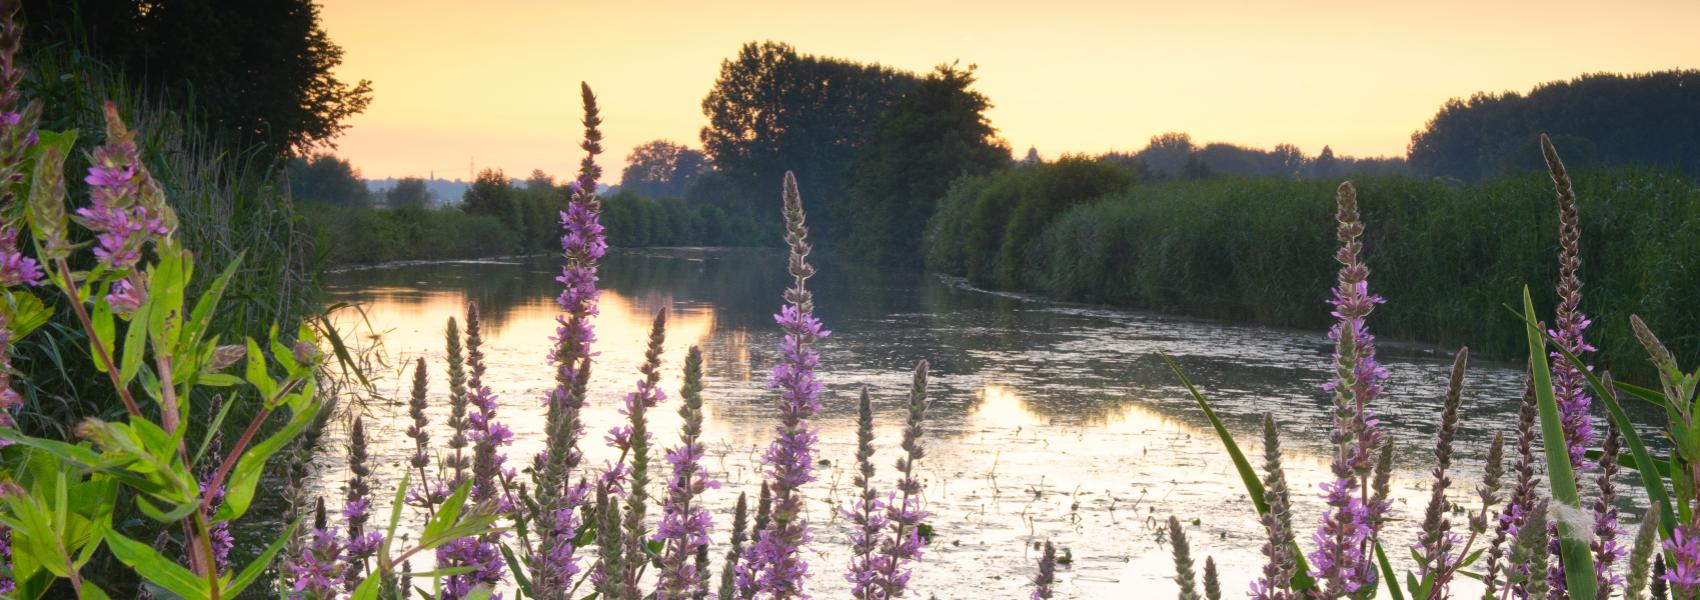 zicht op het water met op de voorgrond paarse bloemen